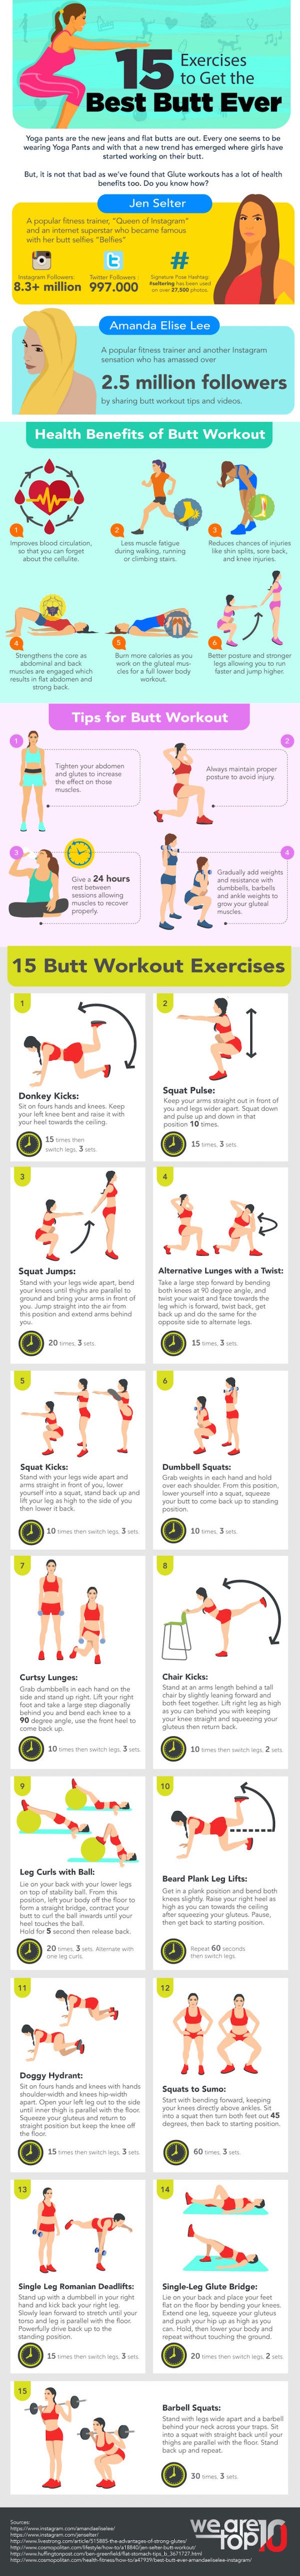 15 butt exercises